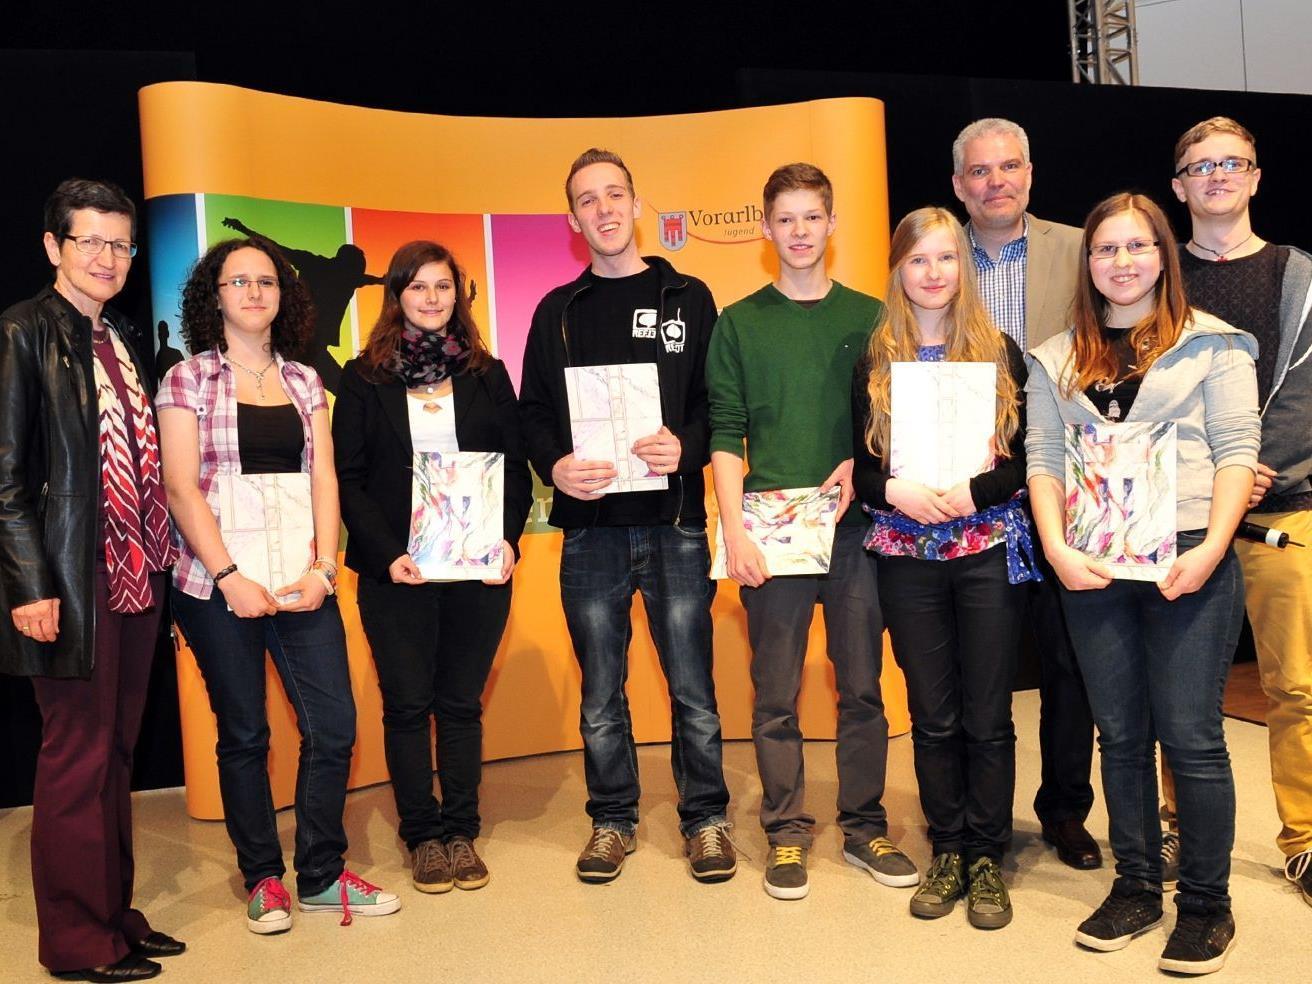 Landesrätin Schmid und Jugend-Fachbereichsleiter Thomas Müller gratulierten den Siegern des Landes-Jugendredewettbewerbes 2012